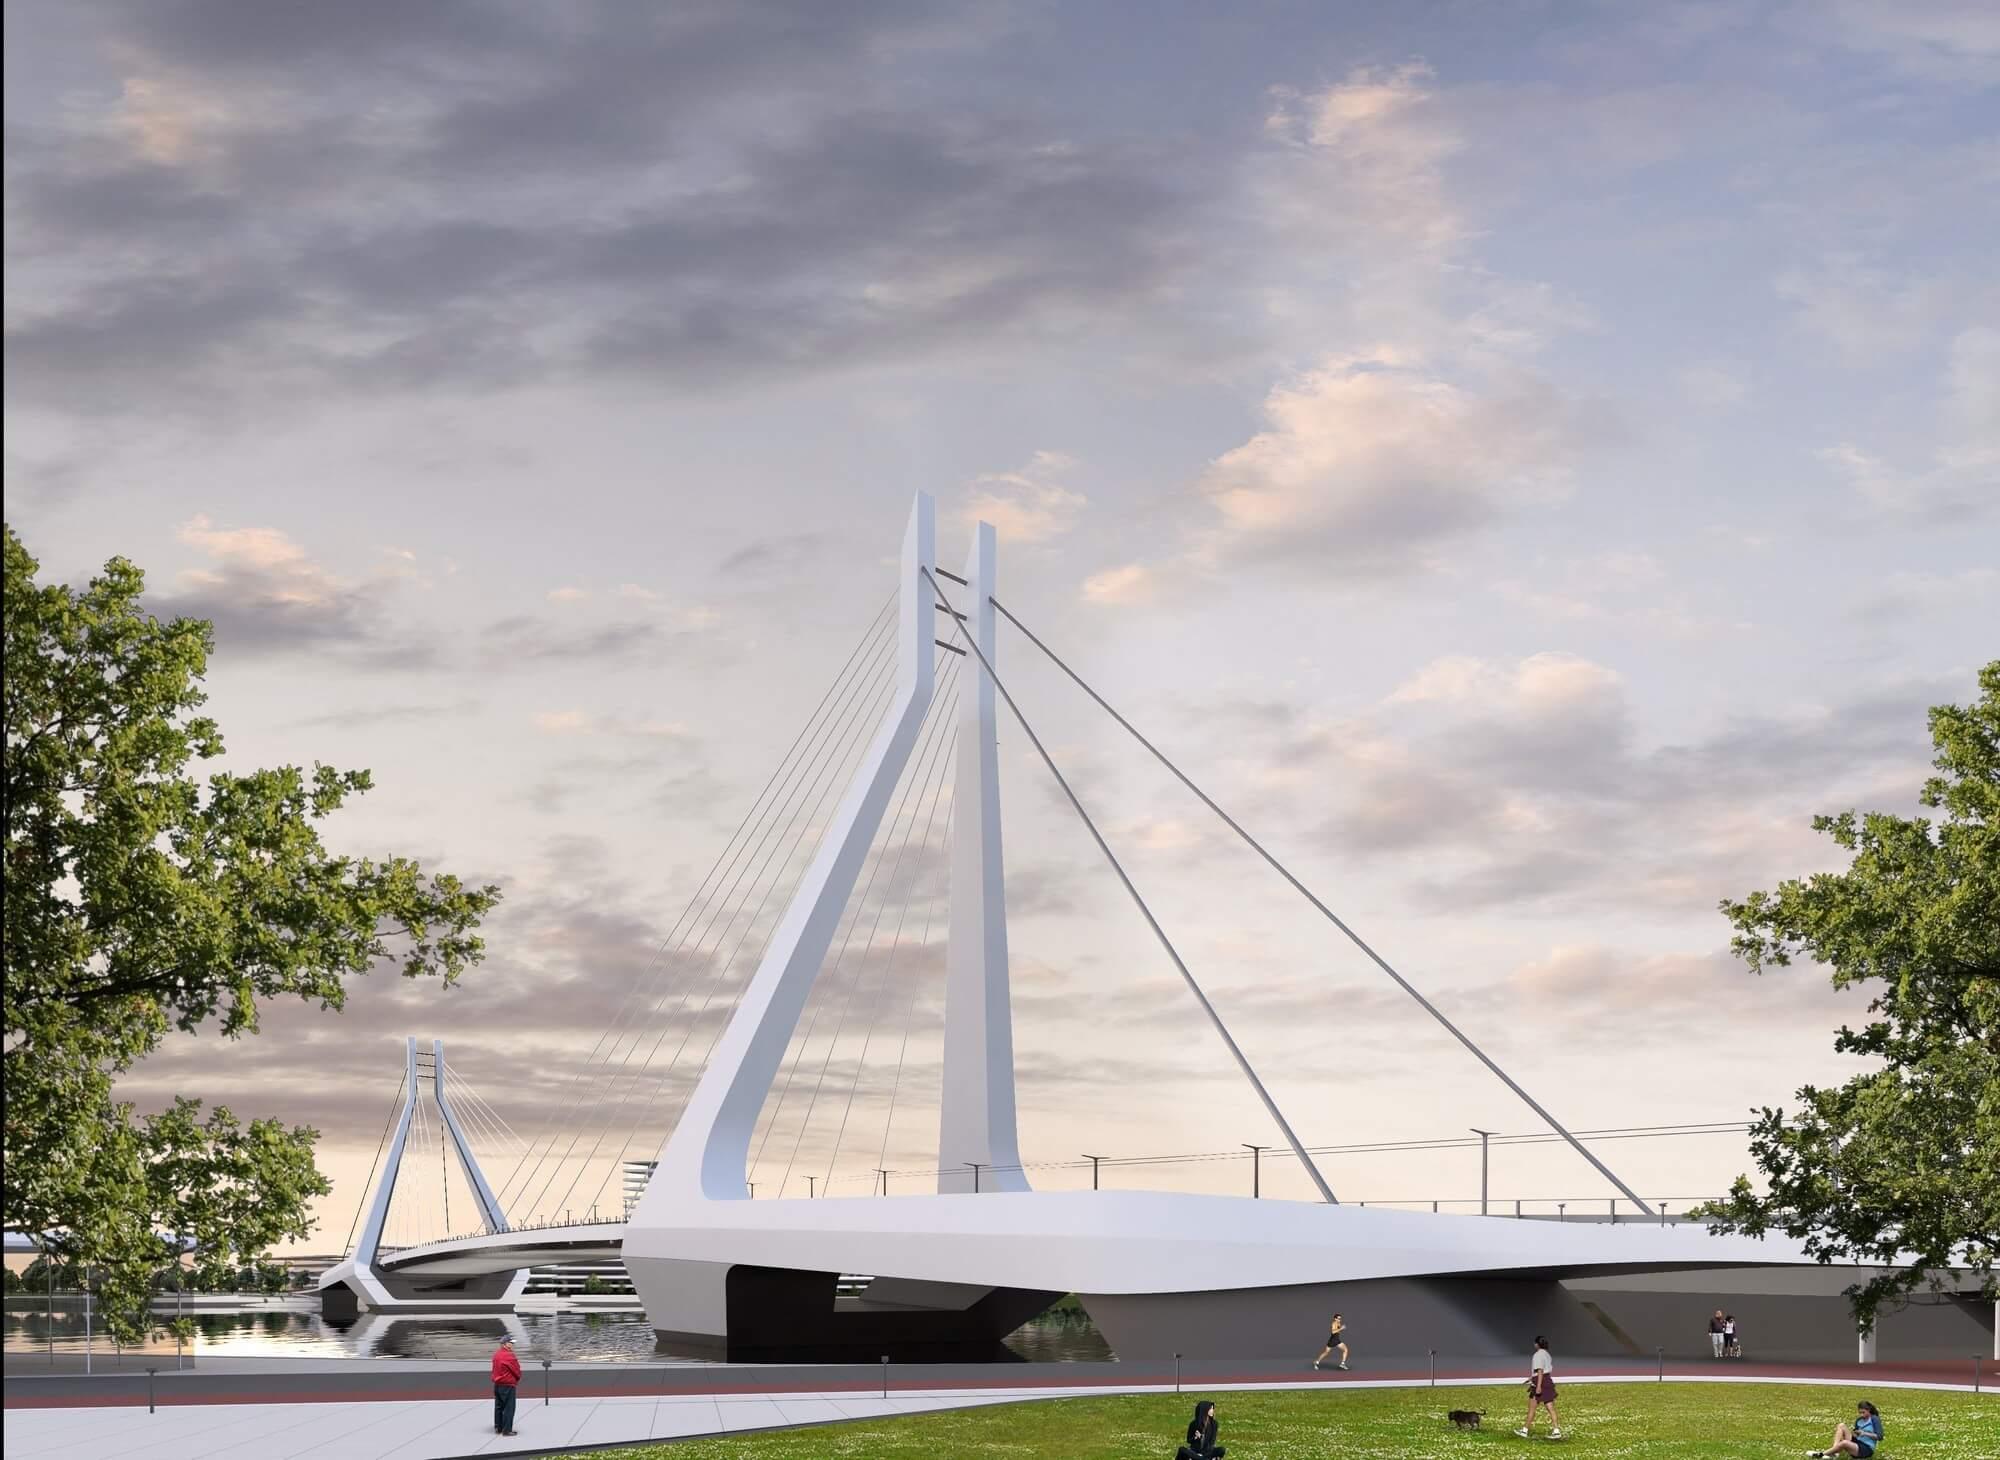 Több hídépítés, mint a második világháború után: jönnek a Hidász Napok